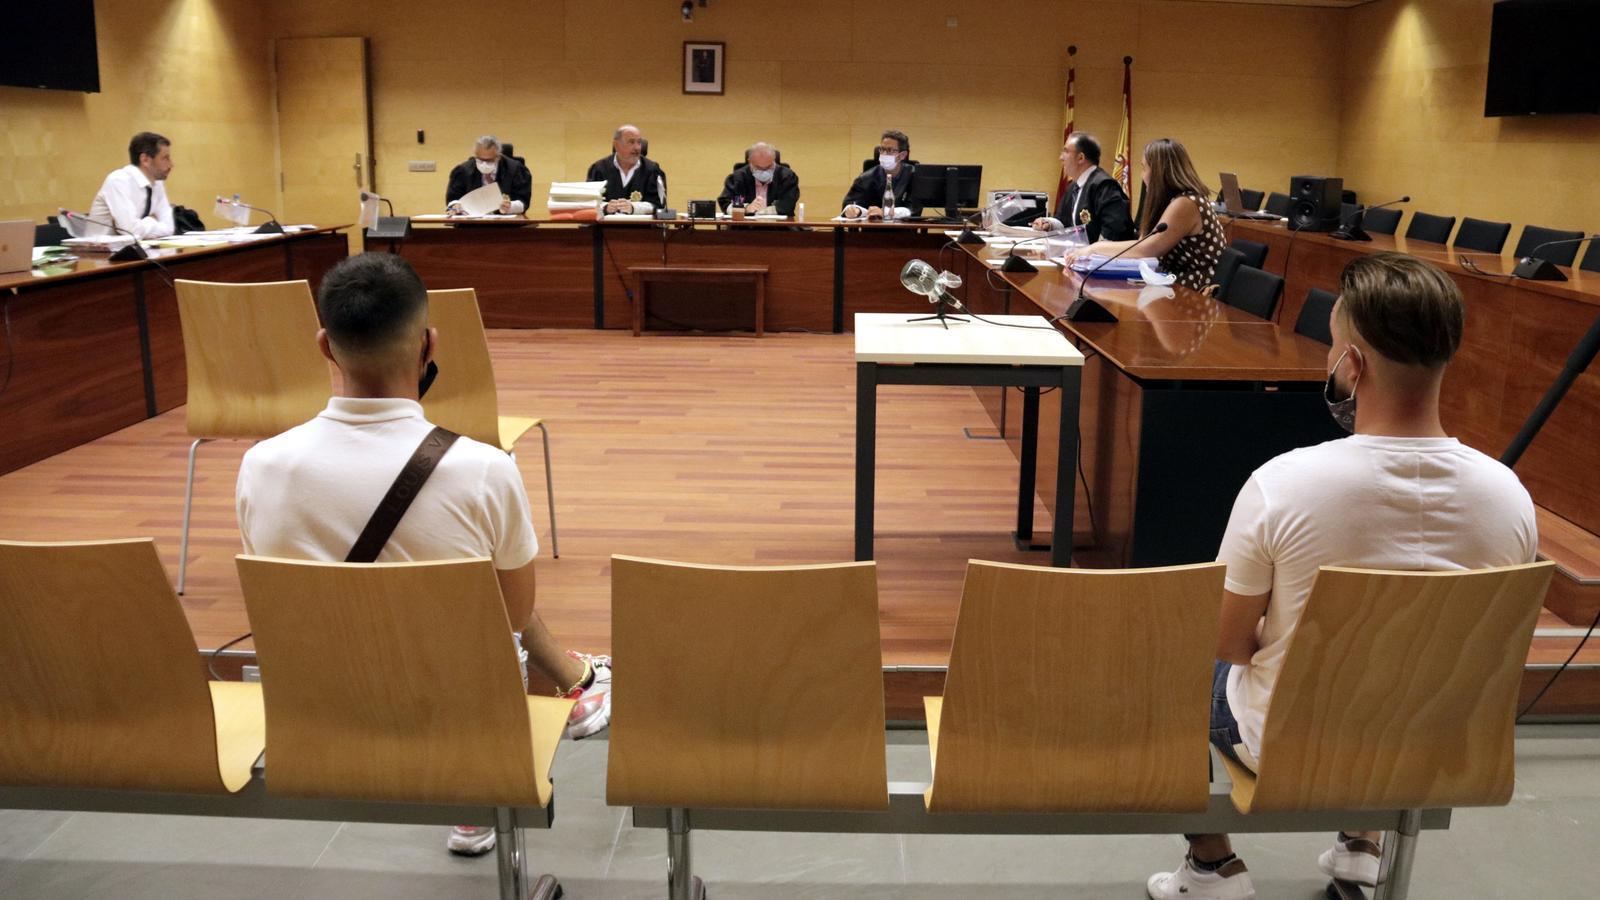 D'esquena, els dos acusats de violar en grup una noia durant el judici a l'Audiència de Girona